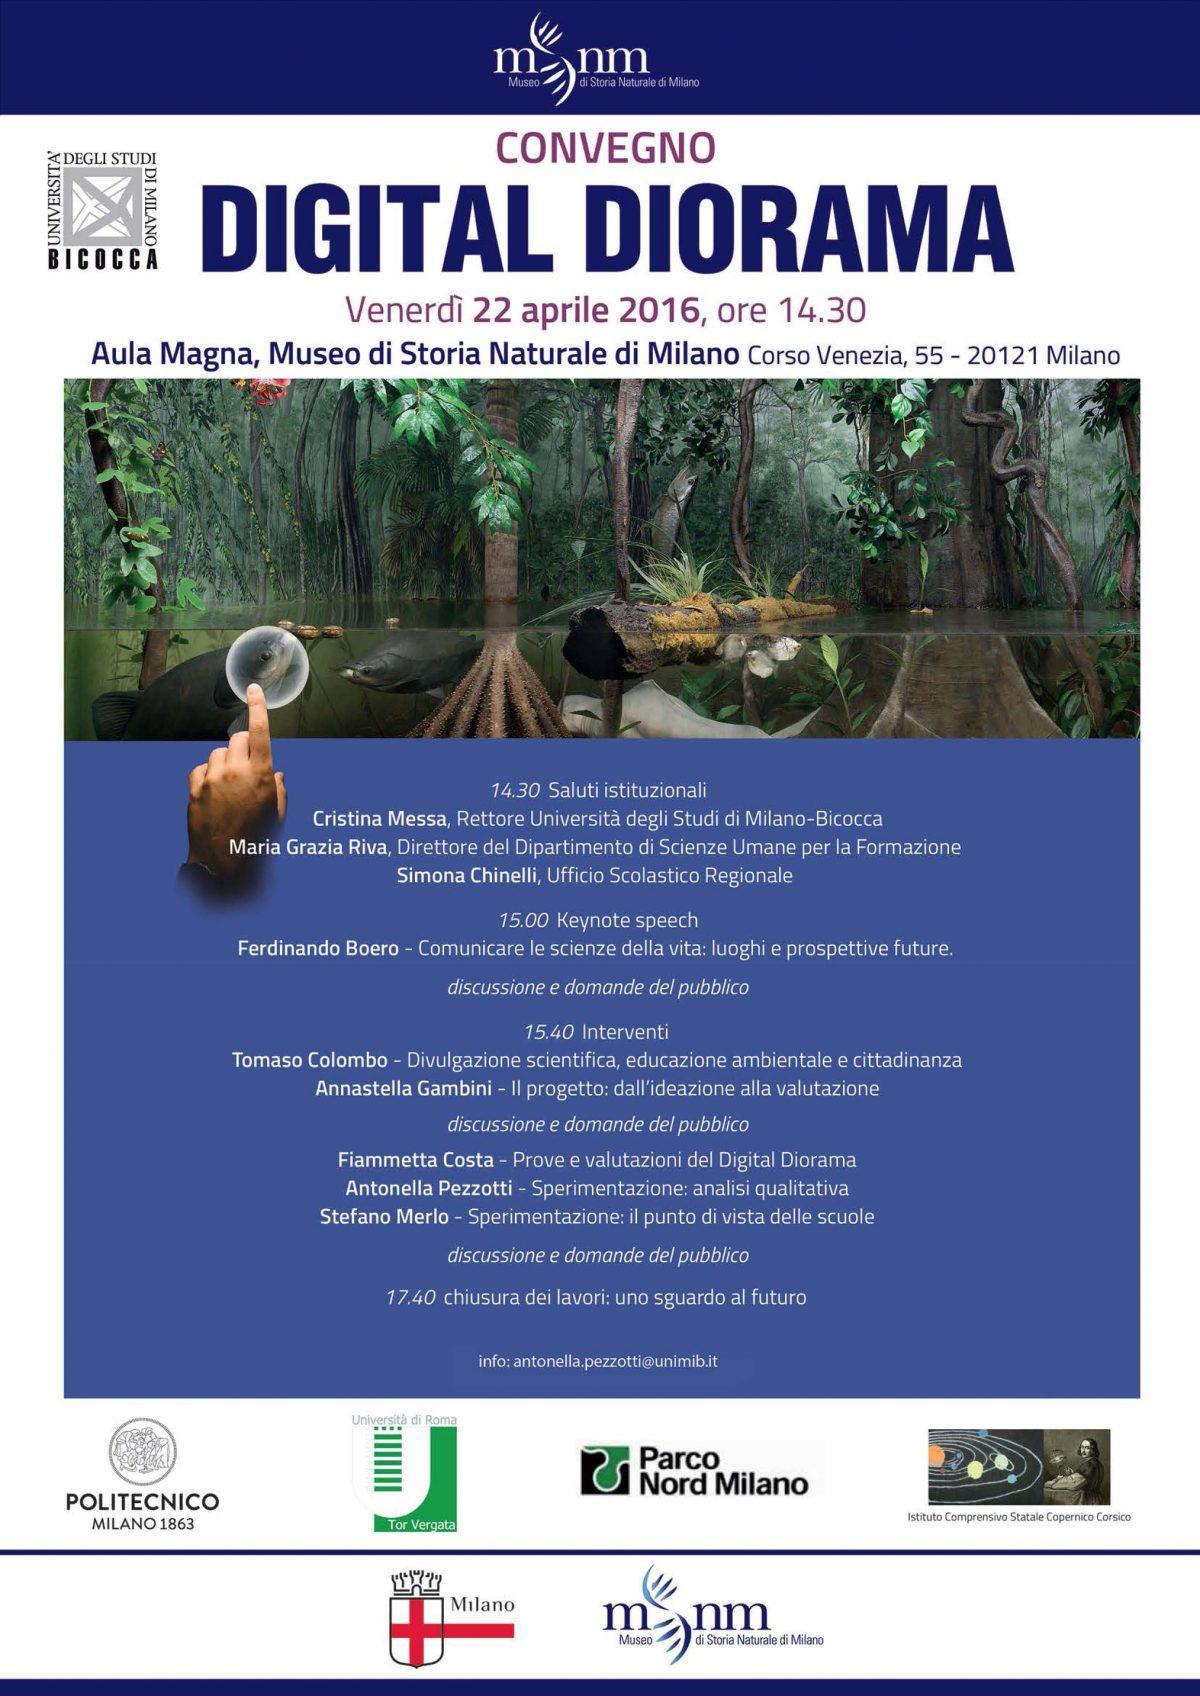 Digital Diorama: un viaggio interattivo negli ecosistemi